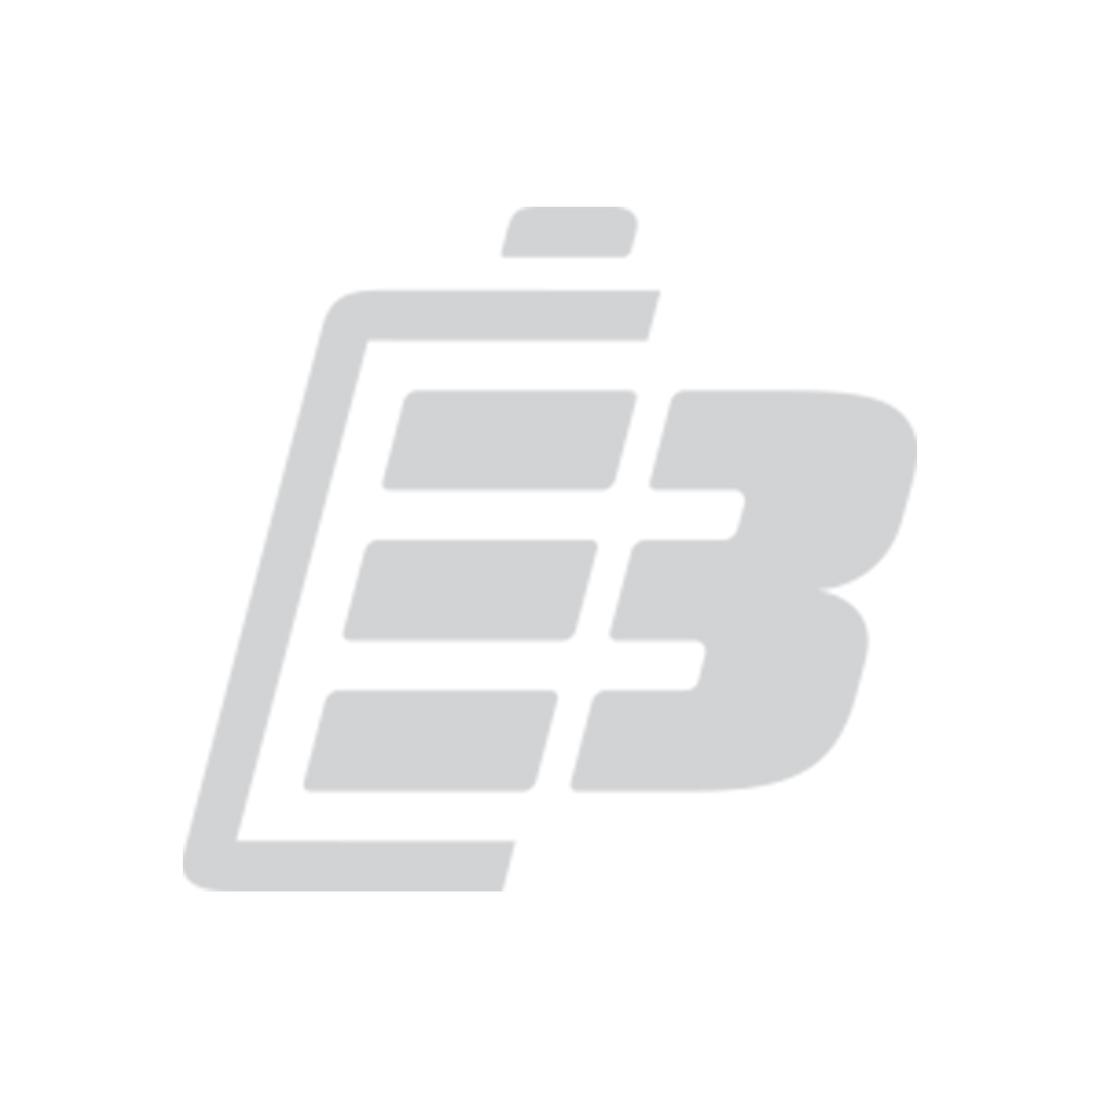 Μπαταρια Μολυβδου Multipower 12V 0,8Ah